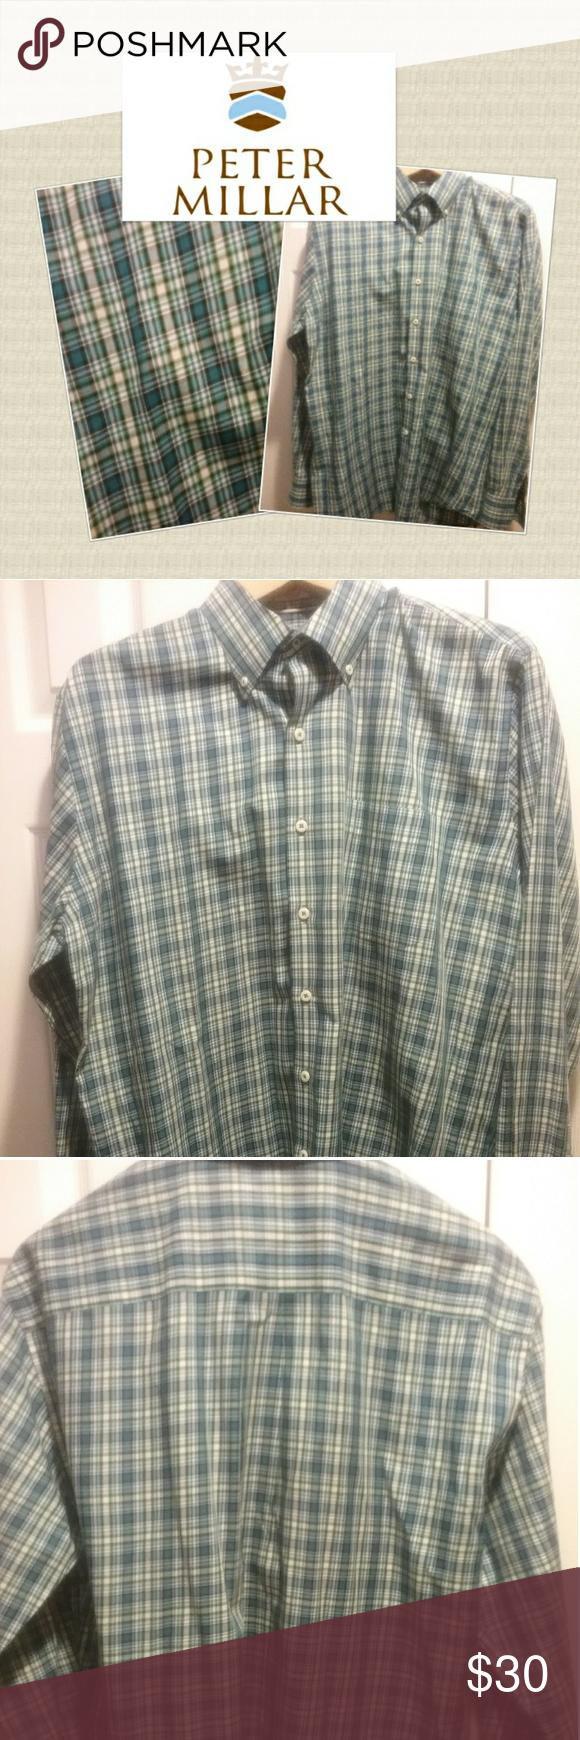 Green checkered dress shirt  Peter Millar Long Sleeve Casual Dress Shirt Luxurious Peter Millar